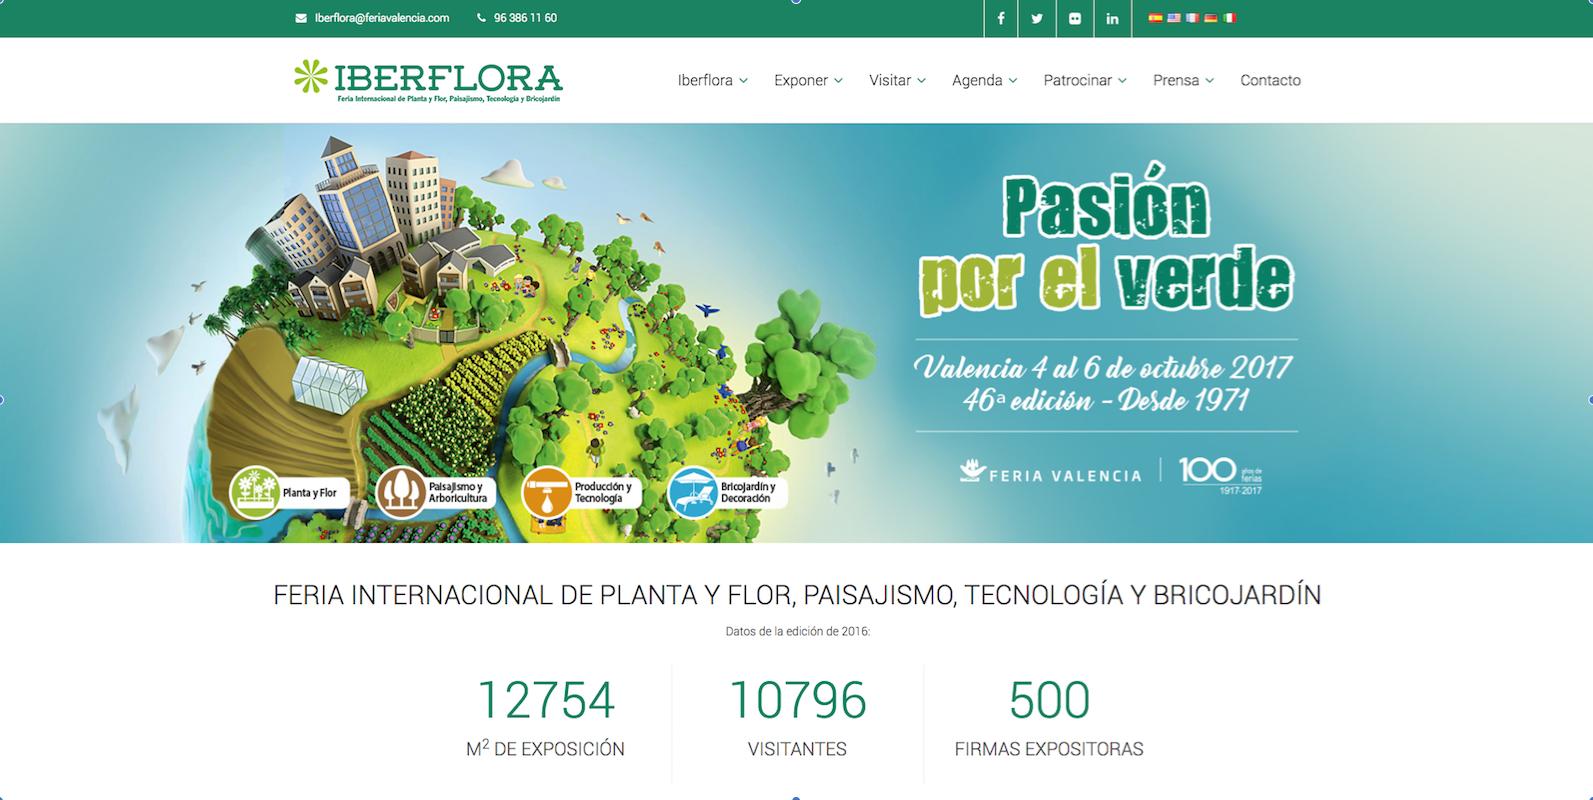 Ibeflora-nueva-web-2017